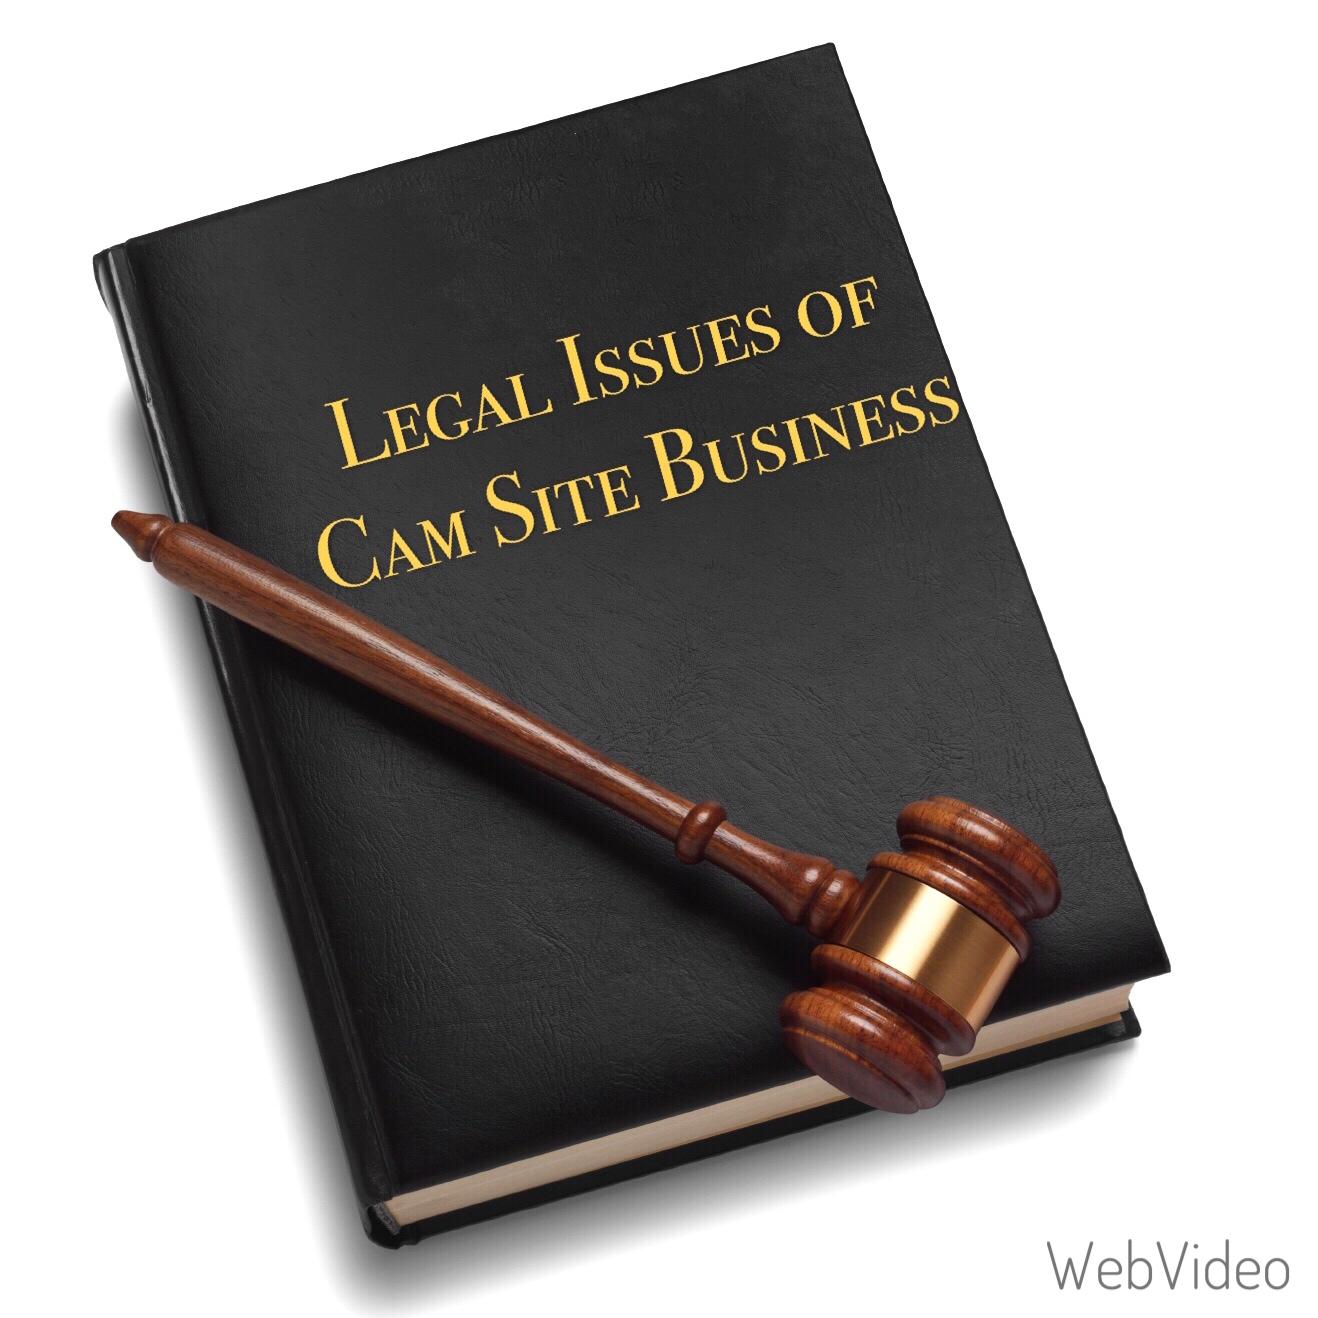 cam site legal